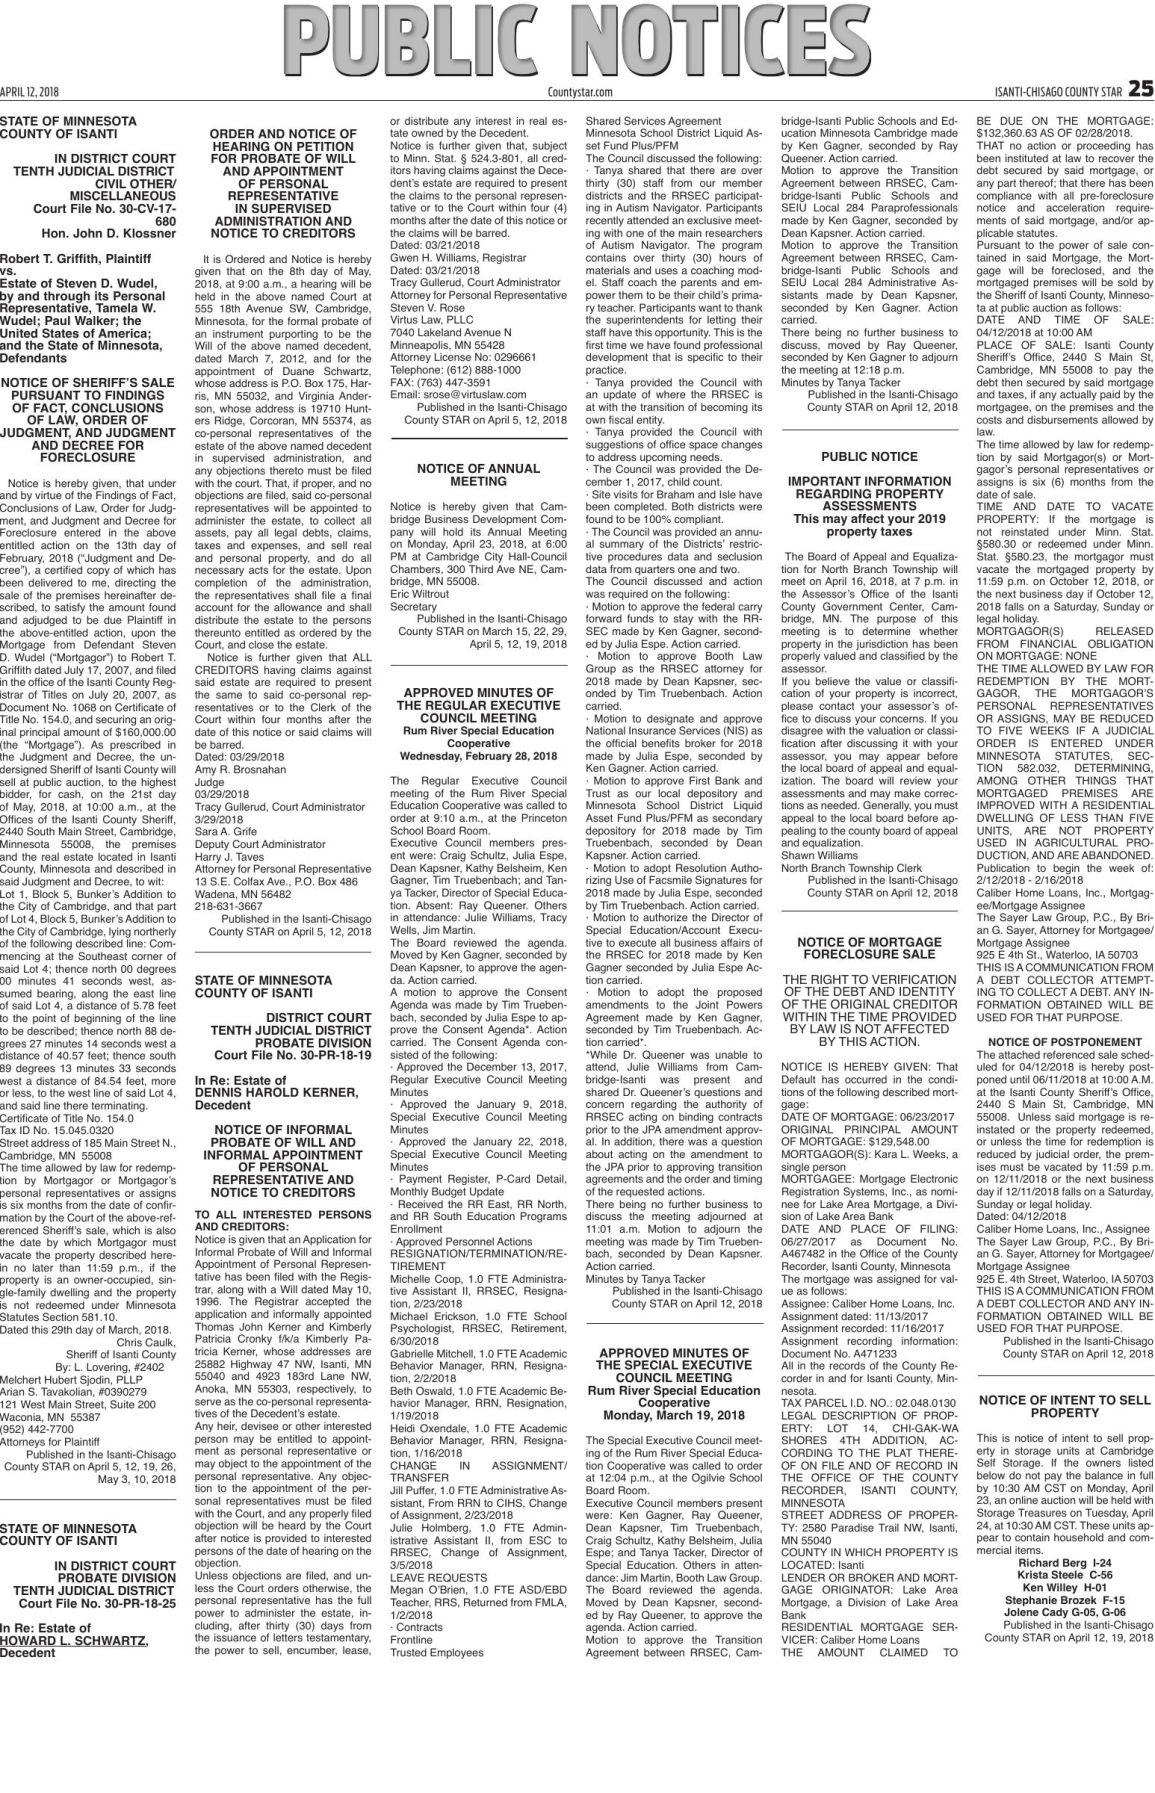 Public Notices - April 12, 2018